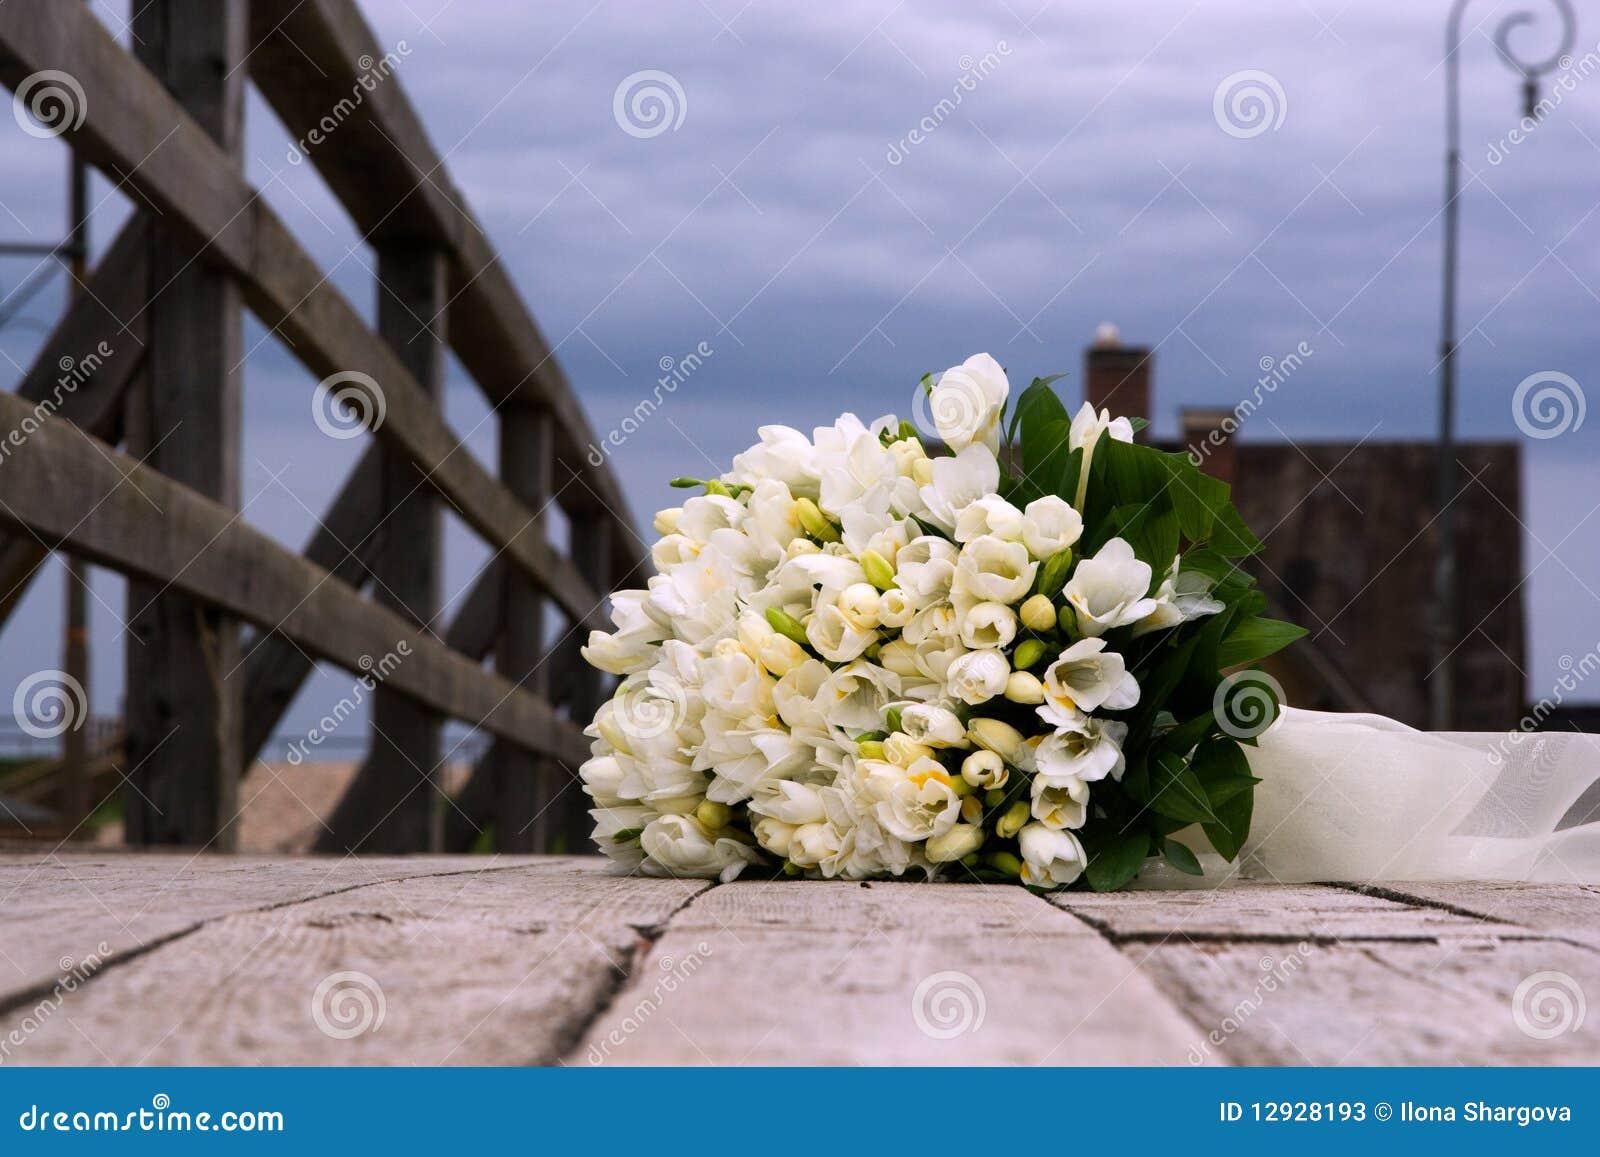 bouquet de mariage des fleurs blanches image stock image. Black Bedroom Furniture Sets. Home Design Ideas